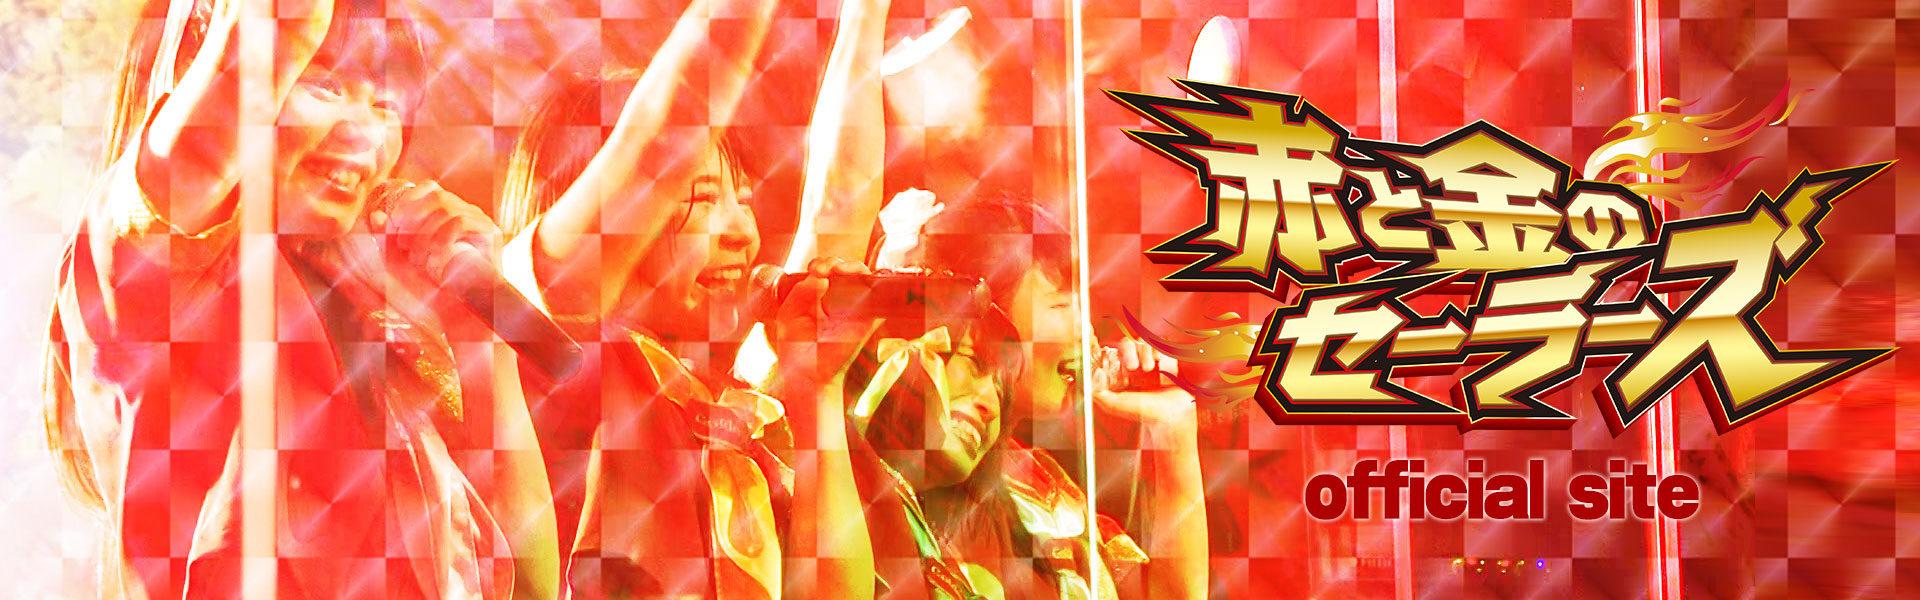 赤と金のセーラーズ公式サイト